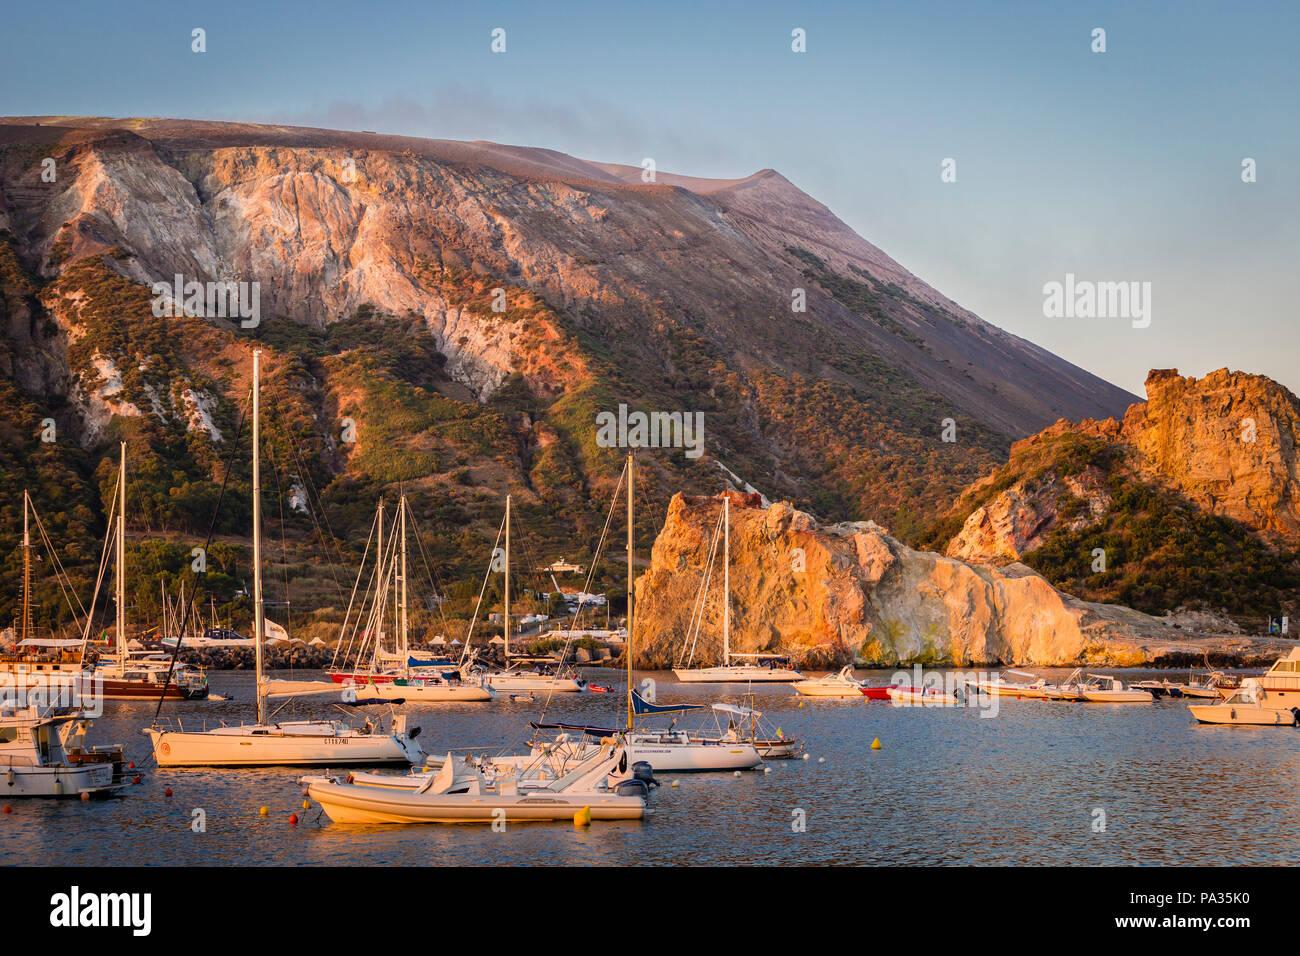 Die Marina von Vulcano bei Sonnenaufgang mit dem Vulkan Pisten, Äolischen Inseln, Sizilien. Stockbild